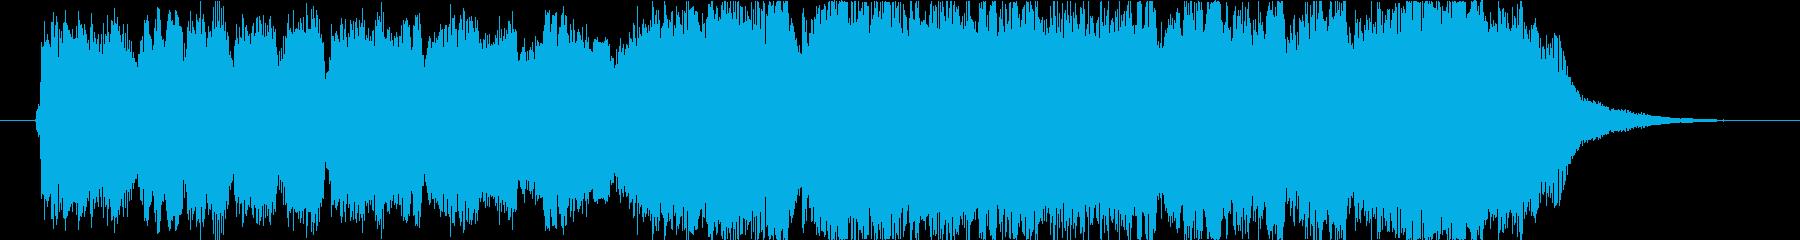 「もろびとこぞりて」の短尺です。の再生済みの波形